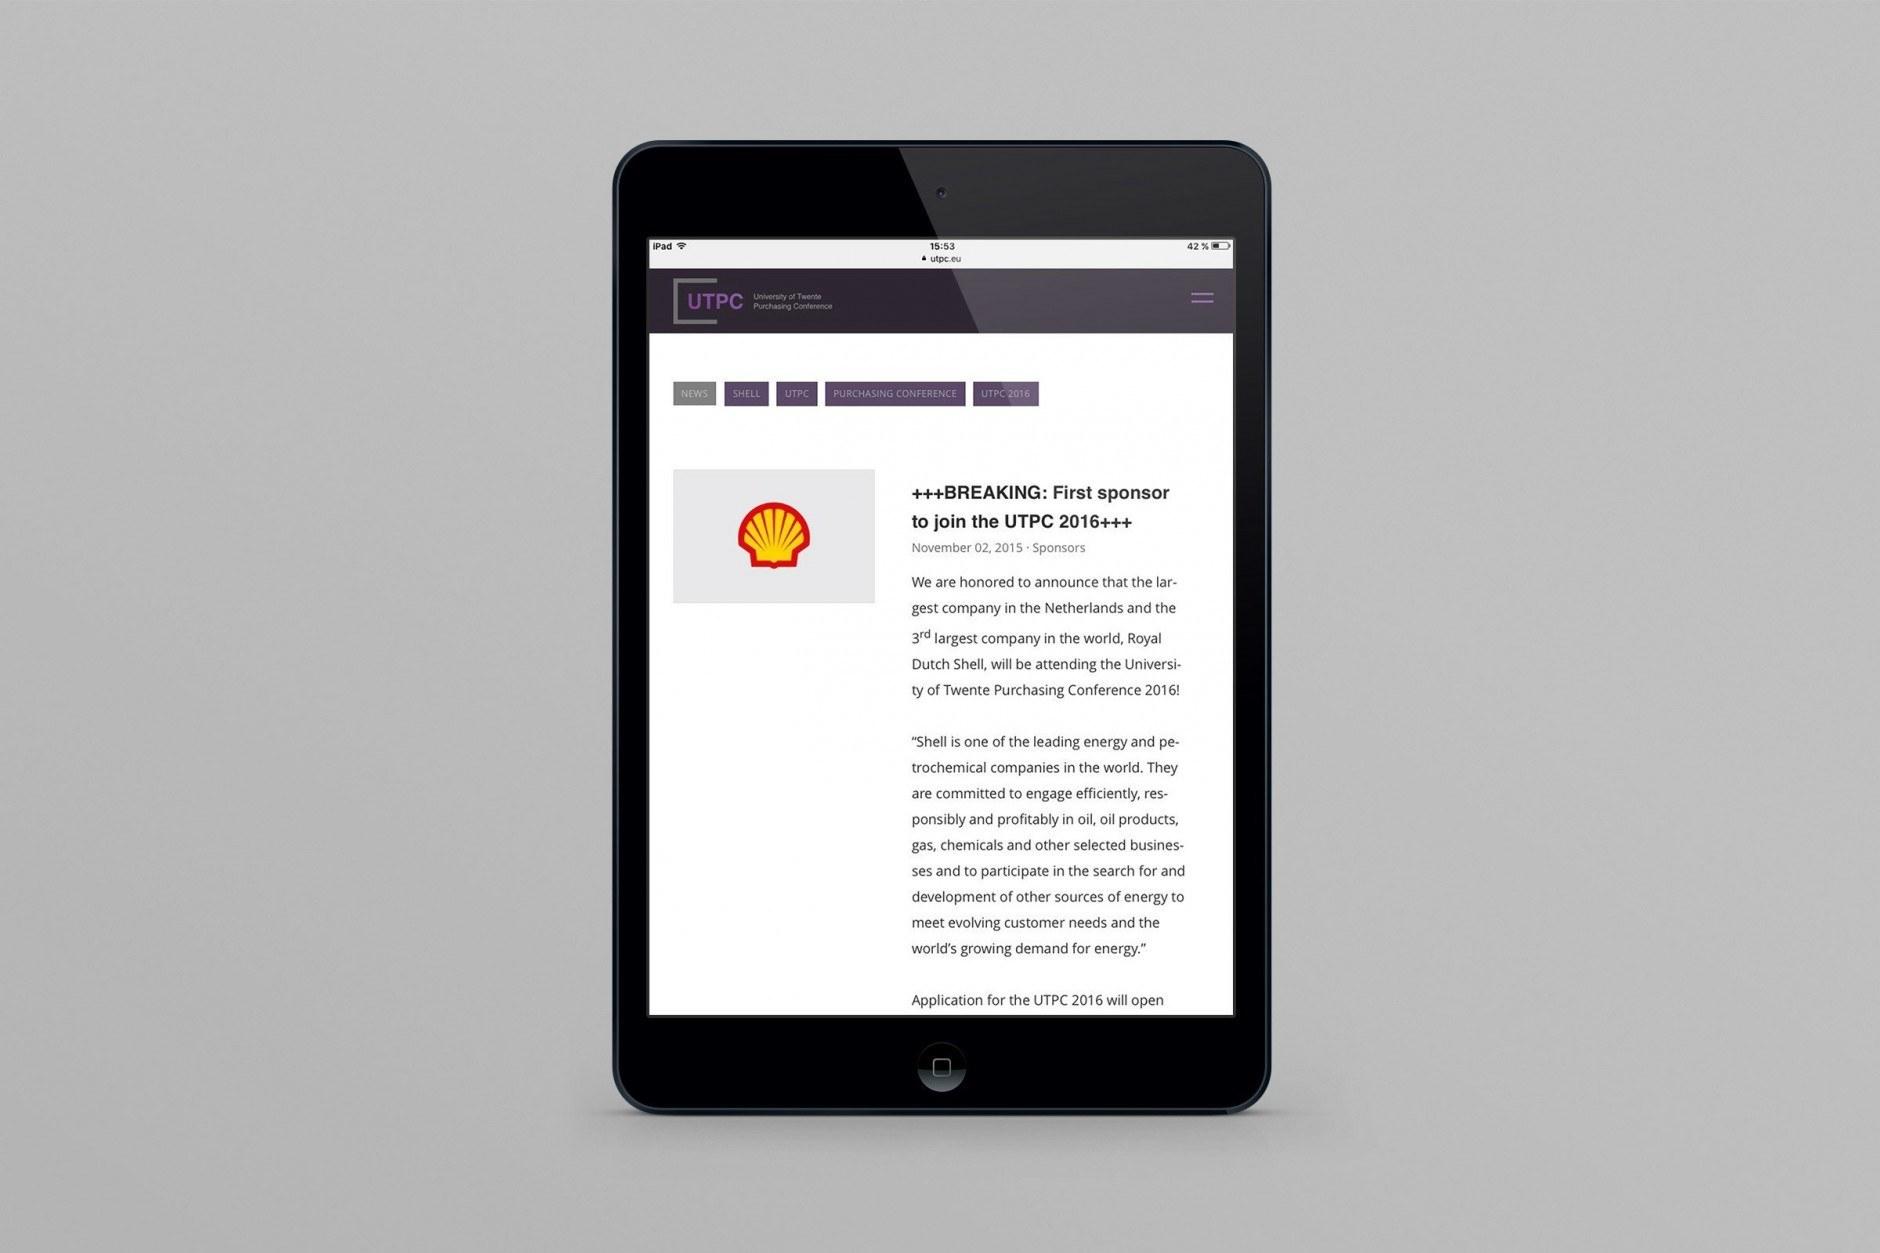 notthoff-designagentur_utpc-webdesign-9-001